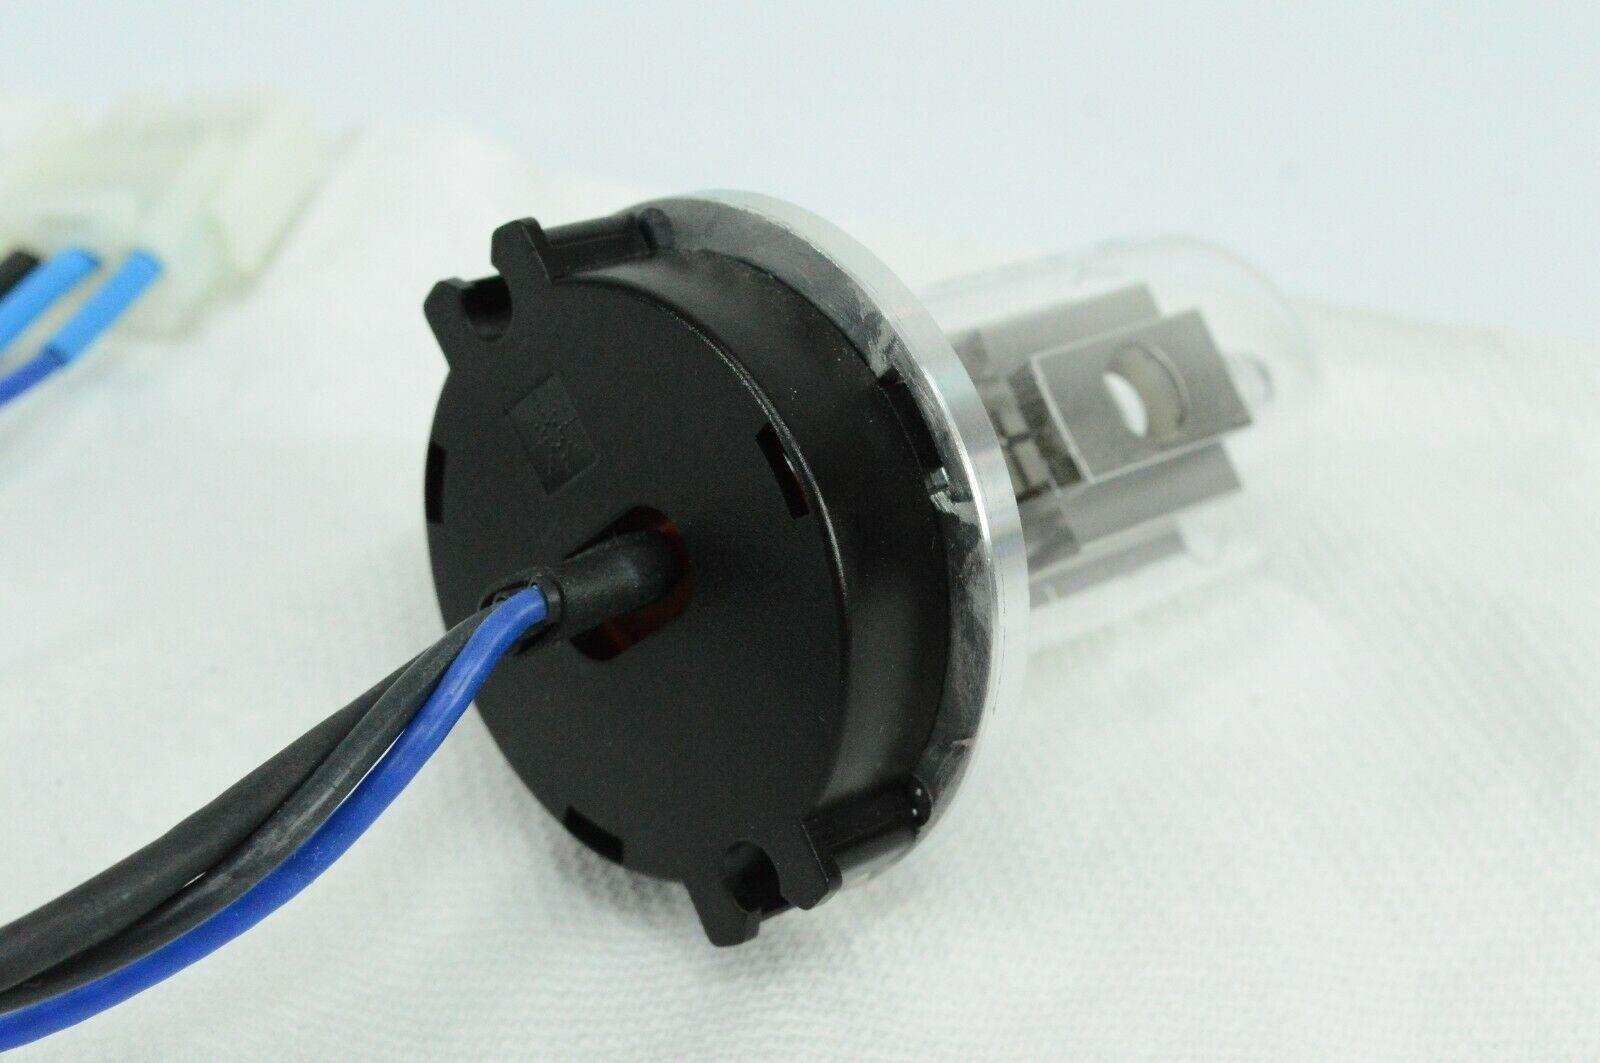 New Agilent 2140-0585 Lamp Deuterium, Agilent G1600 CE Diode Array Detector